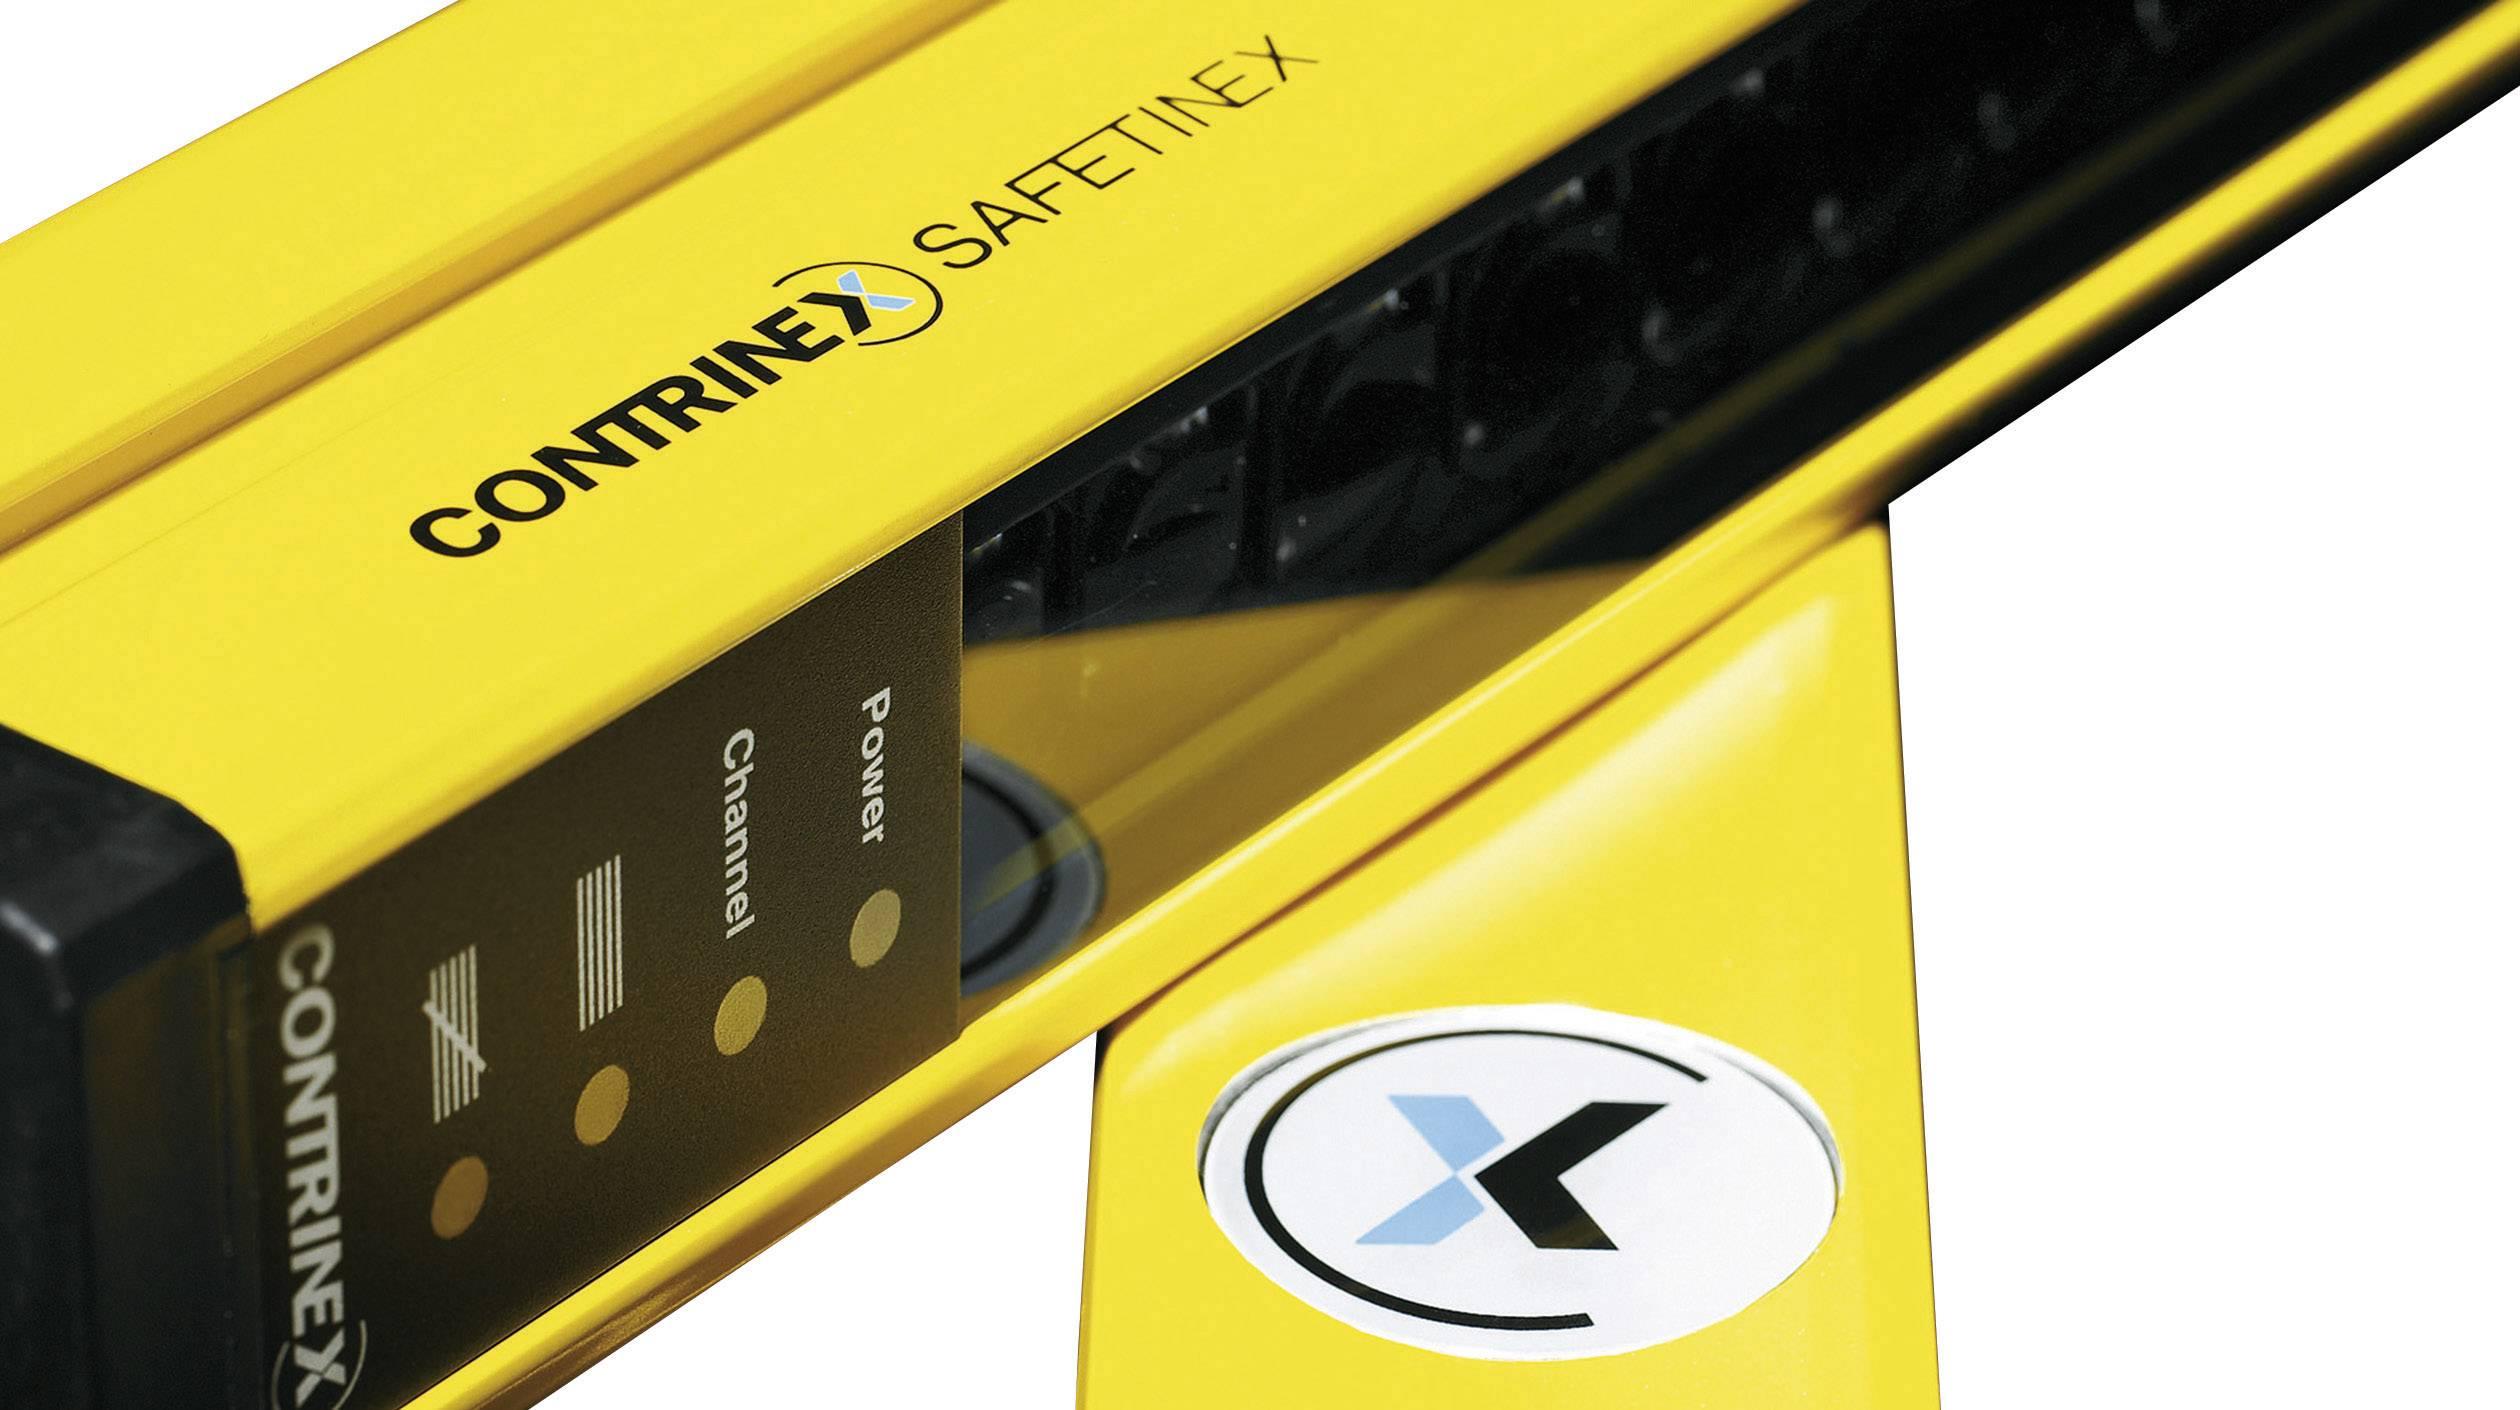 Bezpečnostní světelná závora pro ochranu rukou Contrinex YBB-30R4-1400-G012 630 000 691